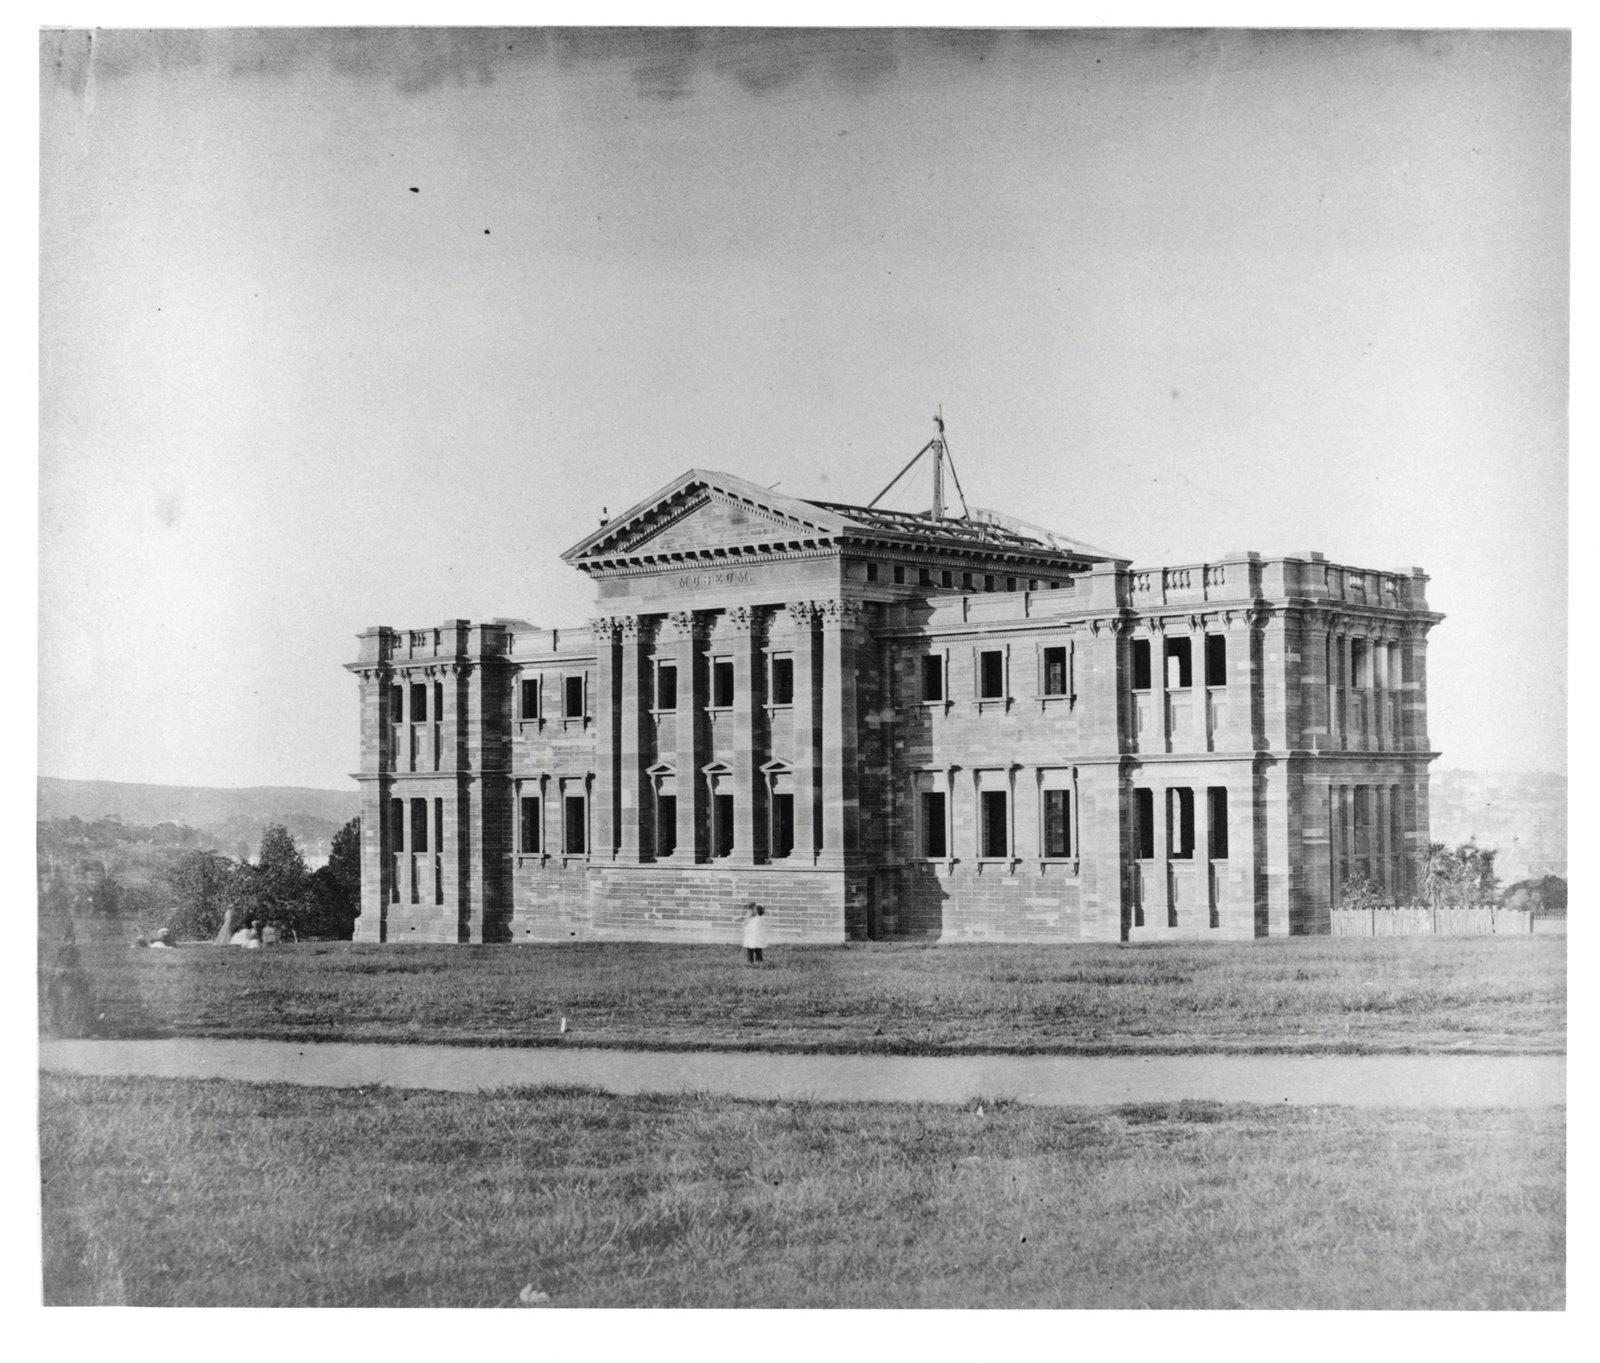 Australian Museum Archival images 200 Treasures